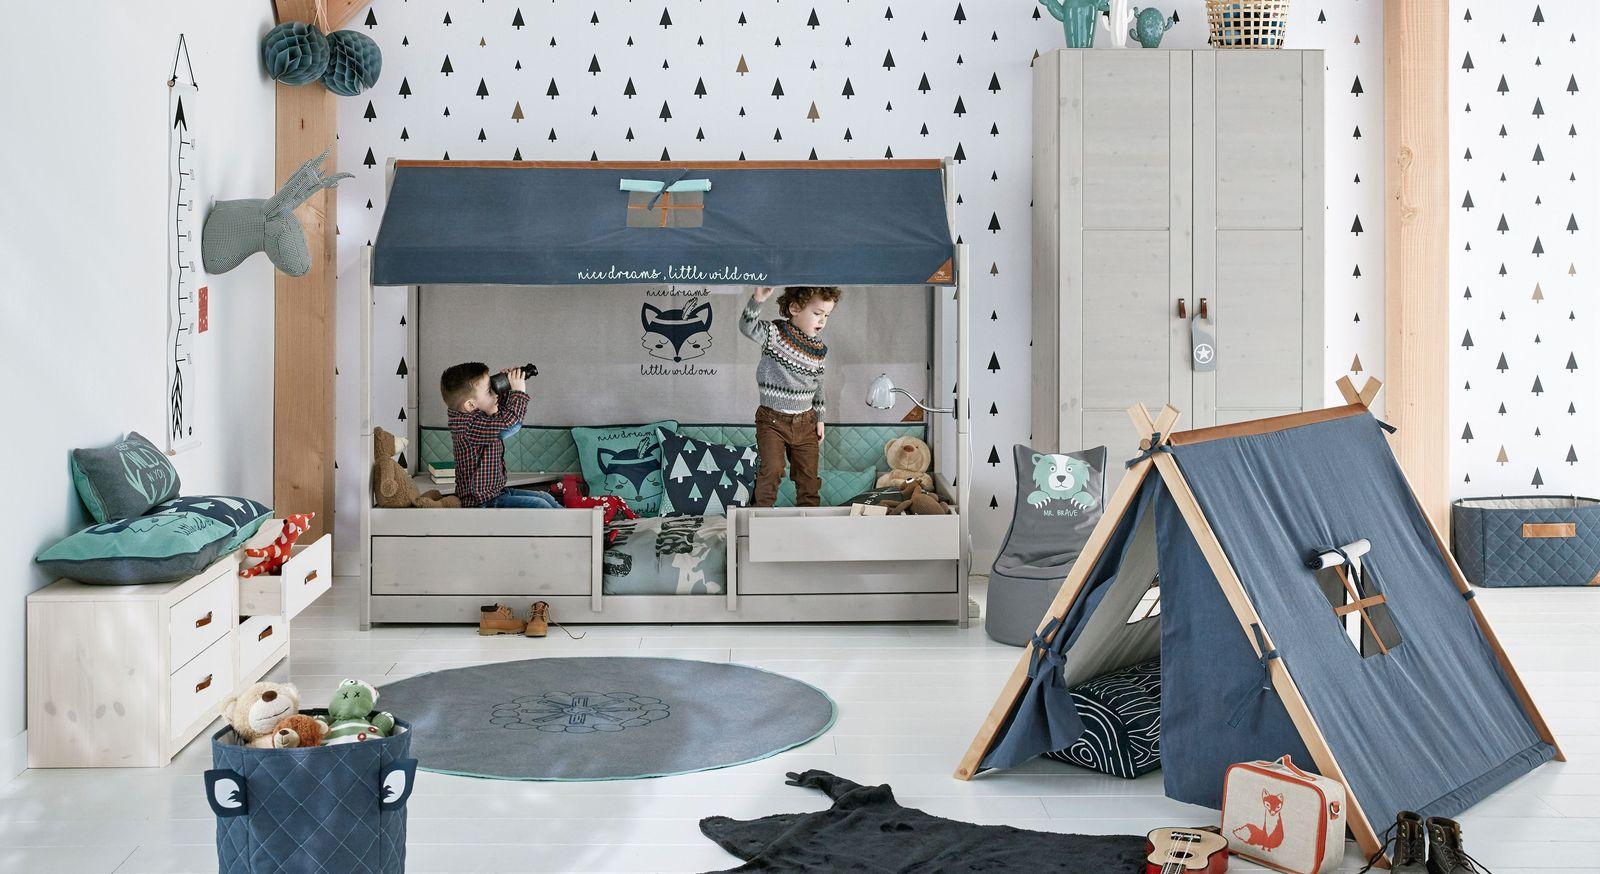 LIFETIME Kinderbett 4-in-1 mit passenden Produkten zum Spielzimmer